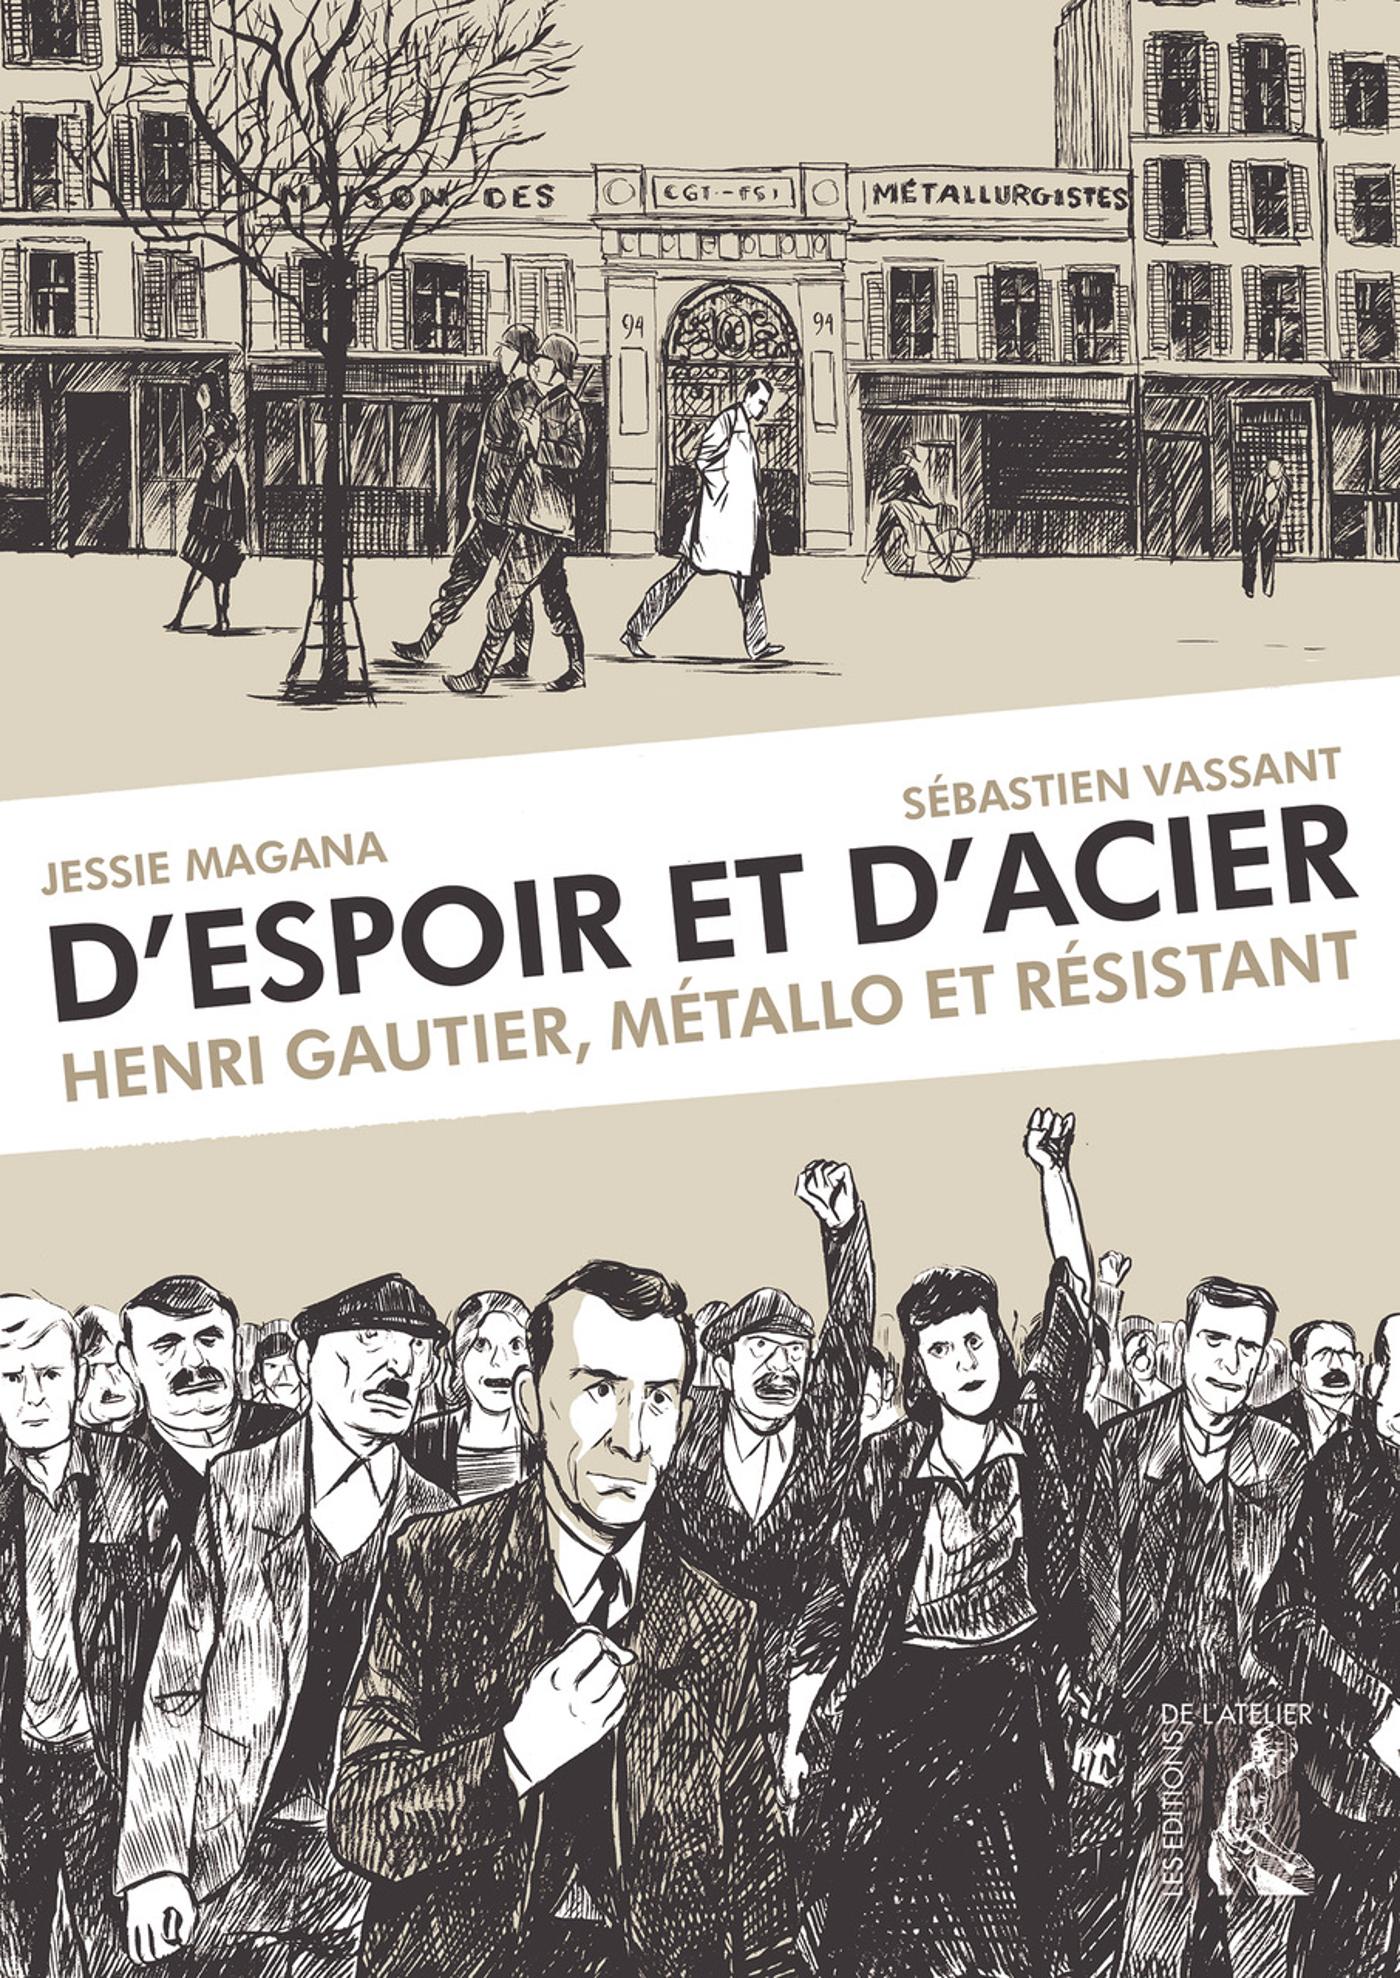 D'ESPOIR ET D'ACIER - HENRI GAUTIER, METALLO ET RESISTANT